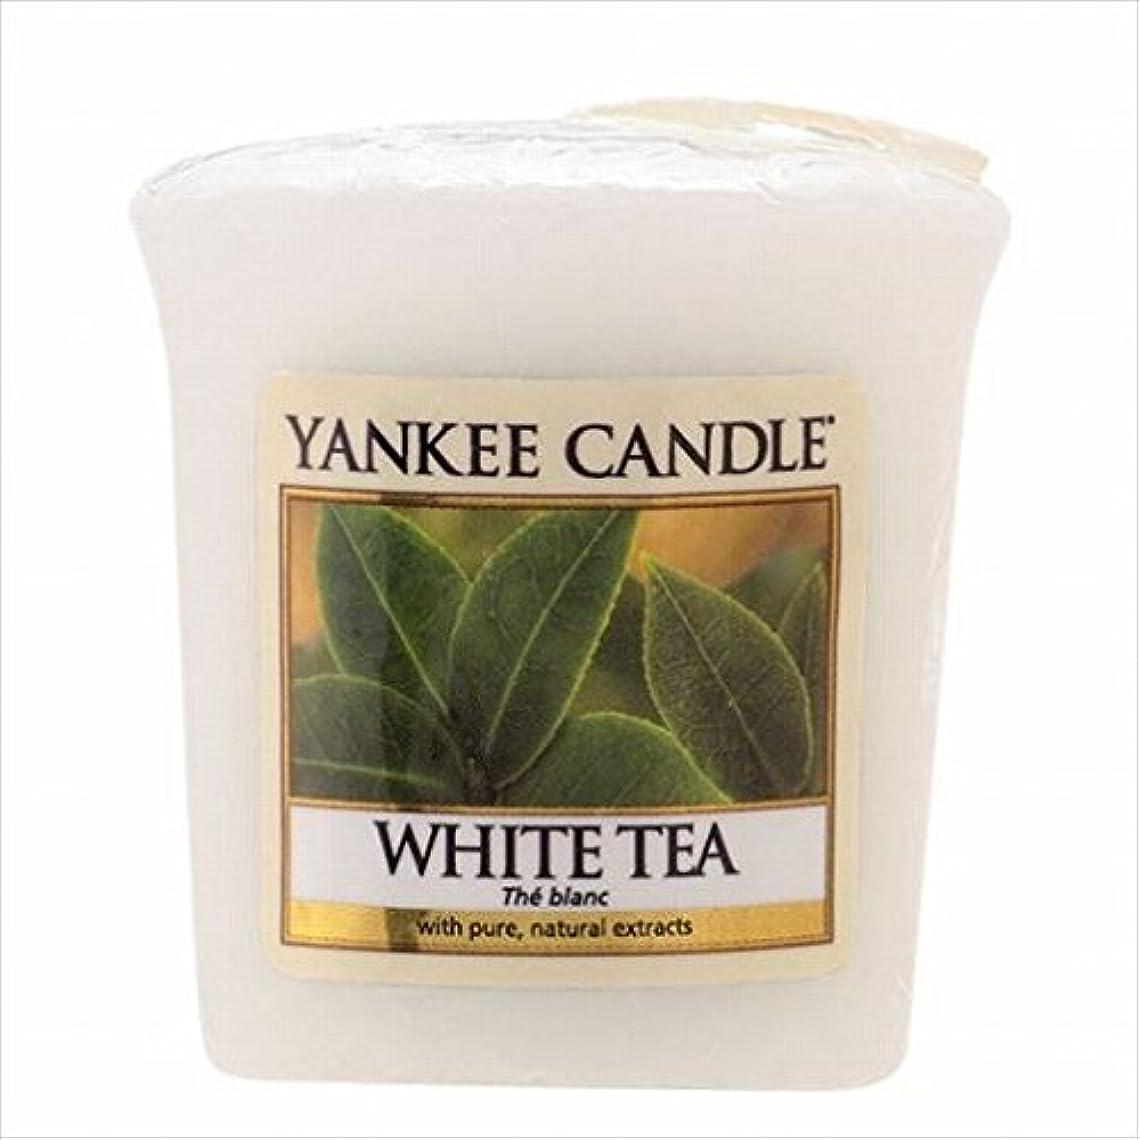 苦味以下手YANKEE CANDLE(ヤンキーキャンドル) YANKEE CANDLE サンプラー 「 ホワイトティー 」6個セット(K00105277)